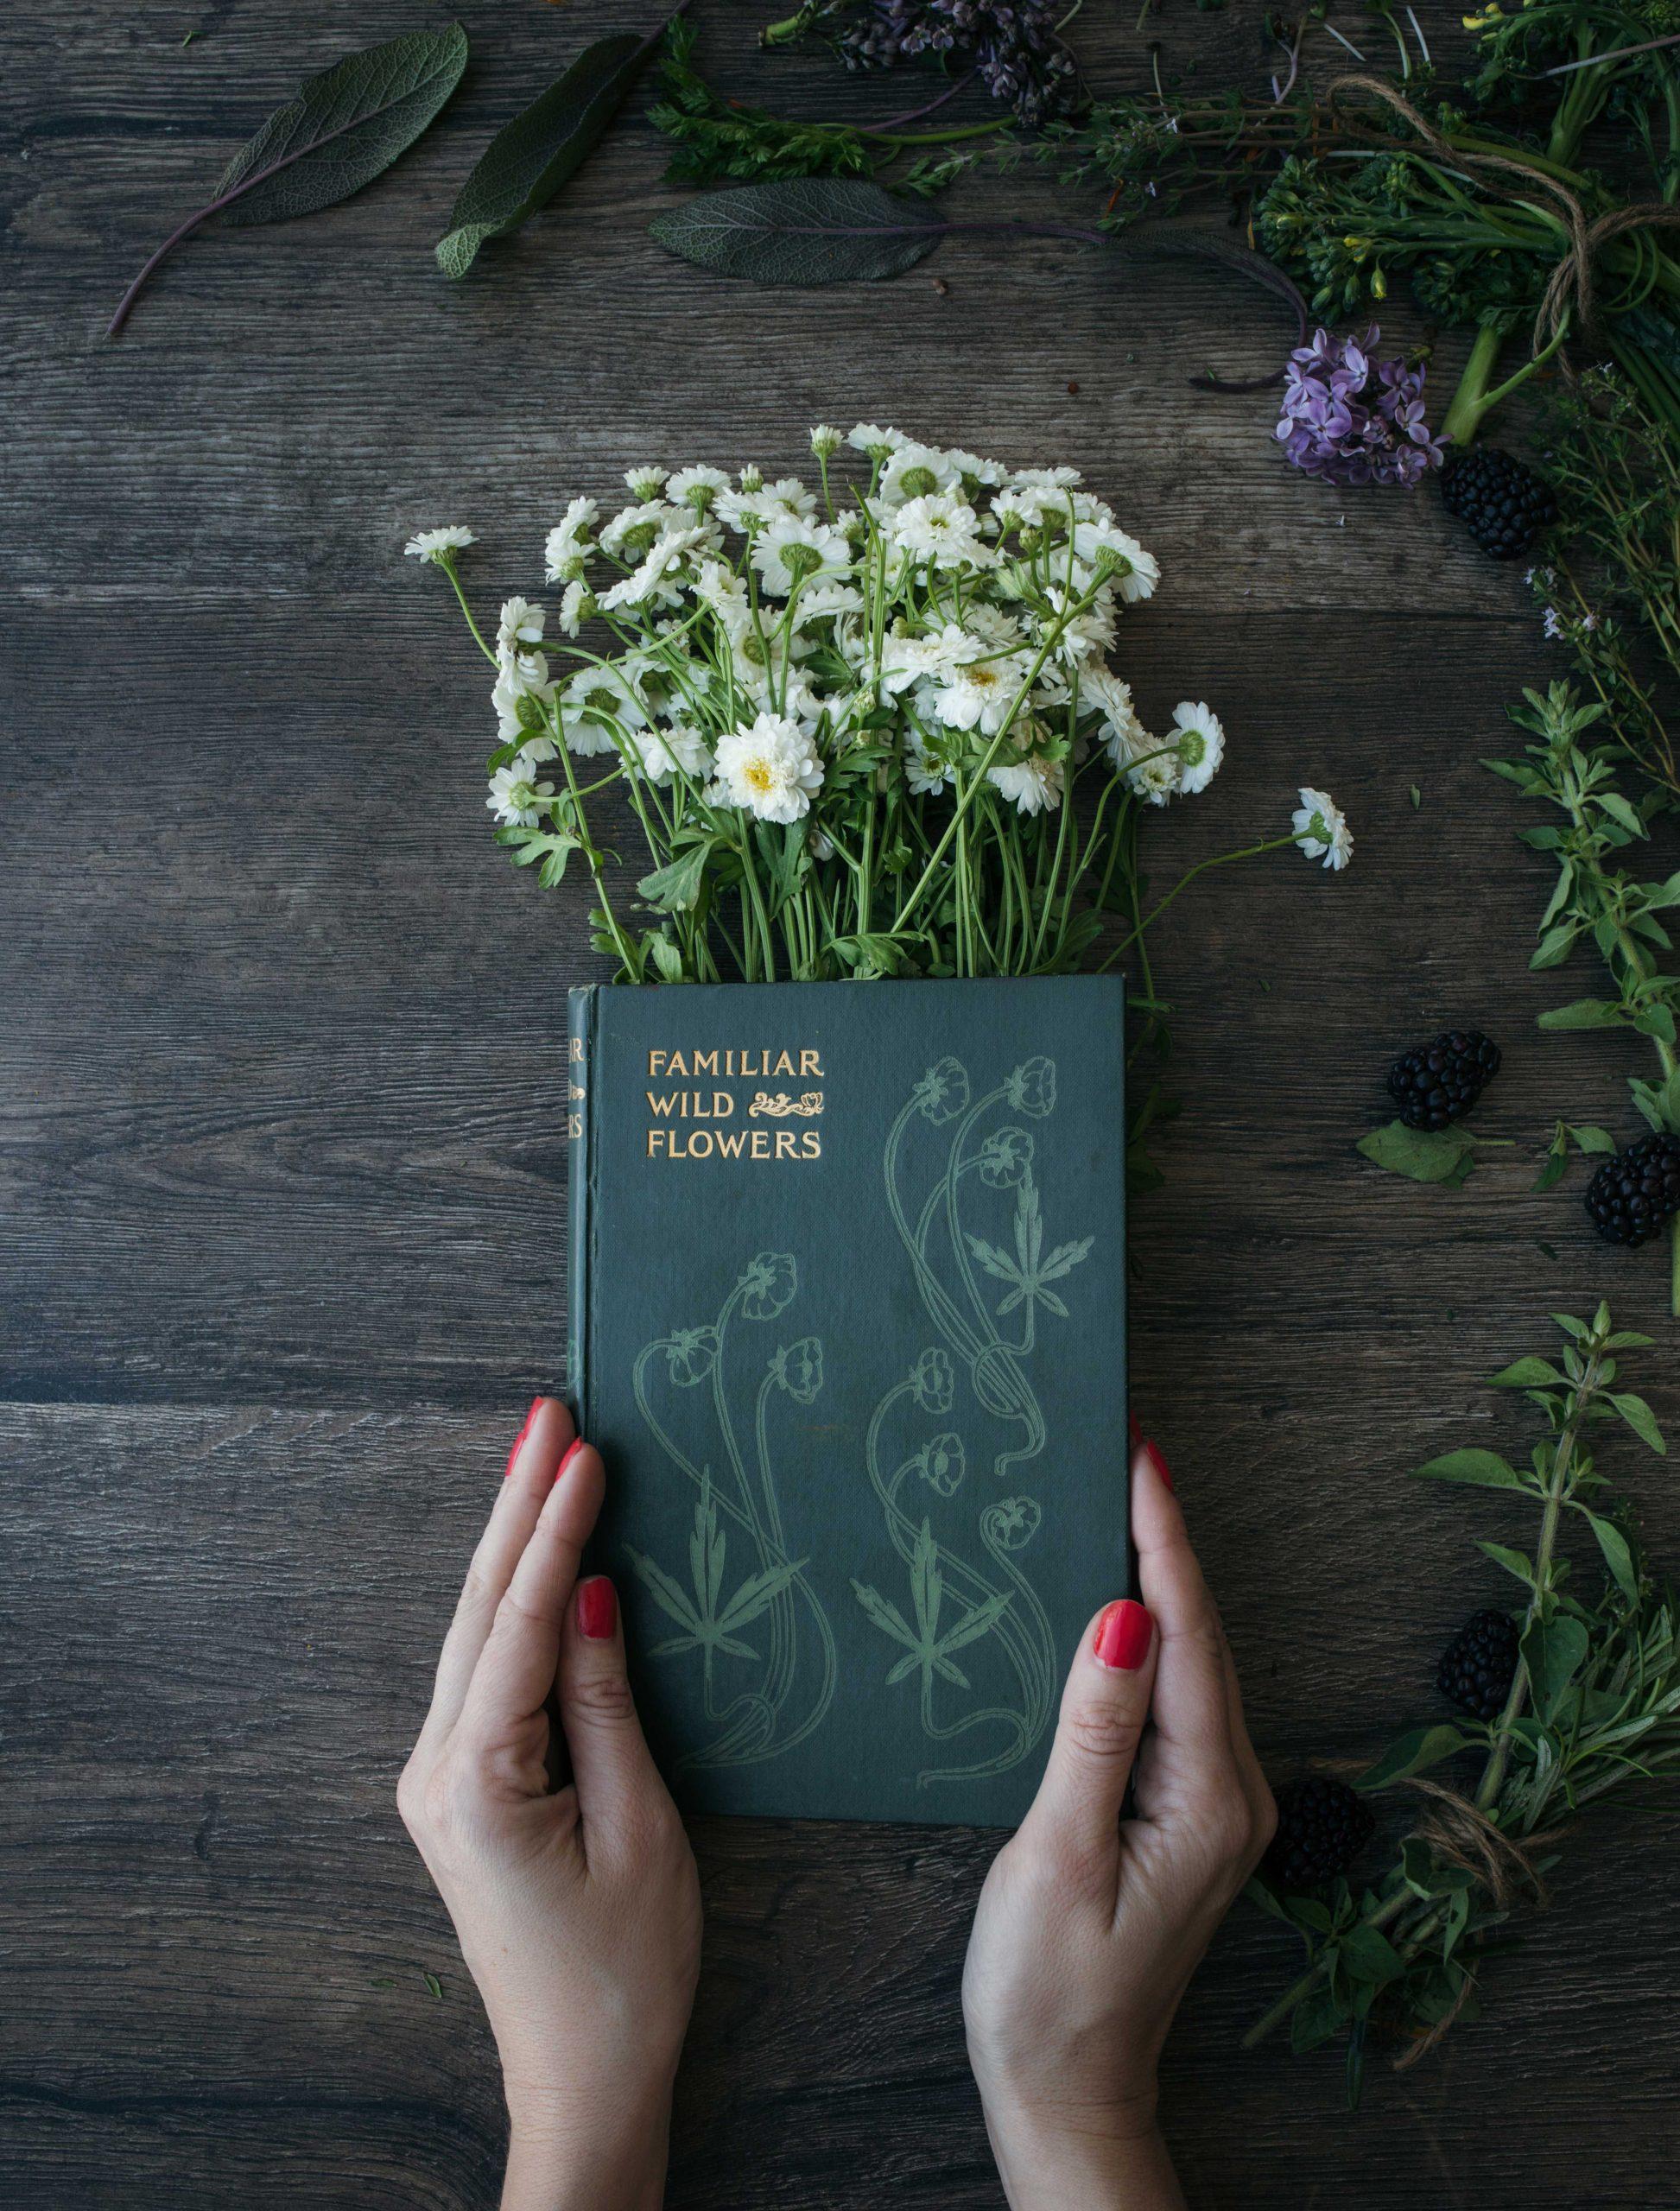 Personne tenant un livre sur les plantes médicinales